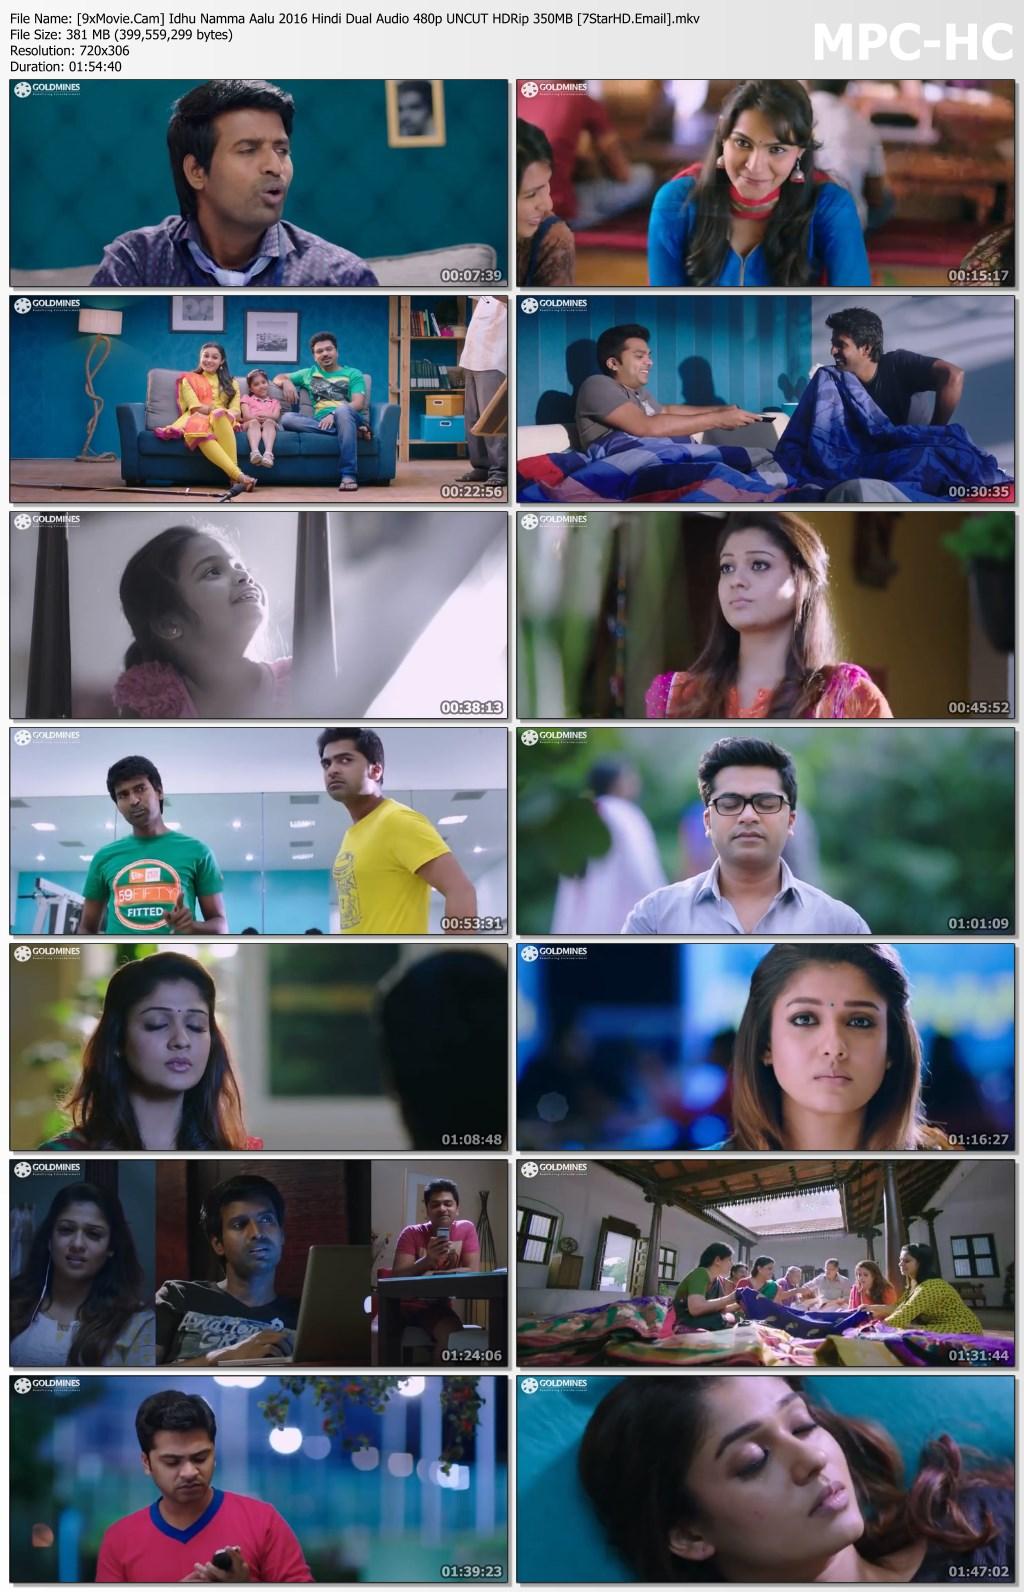 Idhu Namma Aalu 2016 Hindi Dual Audio 480p UNCUT HDRip x264 350MB